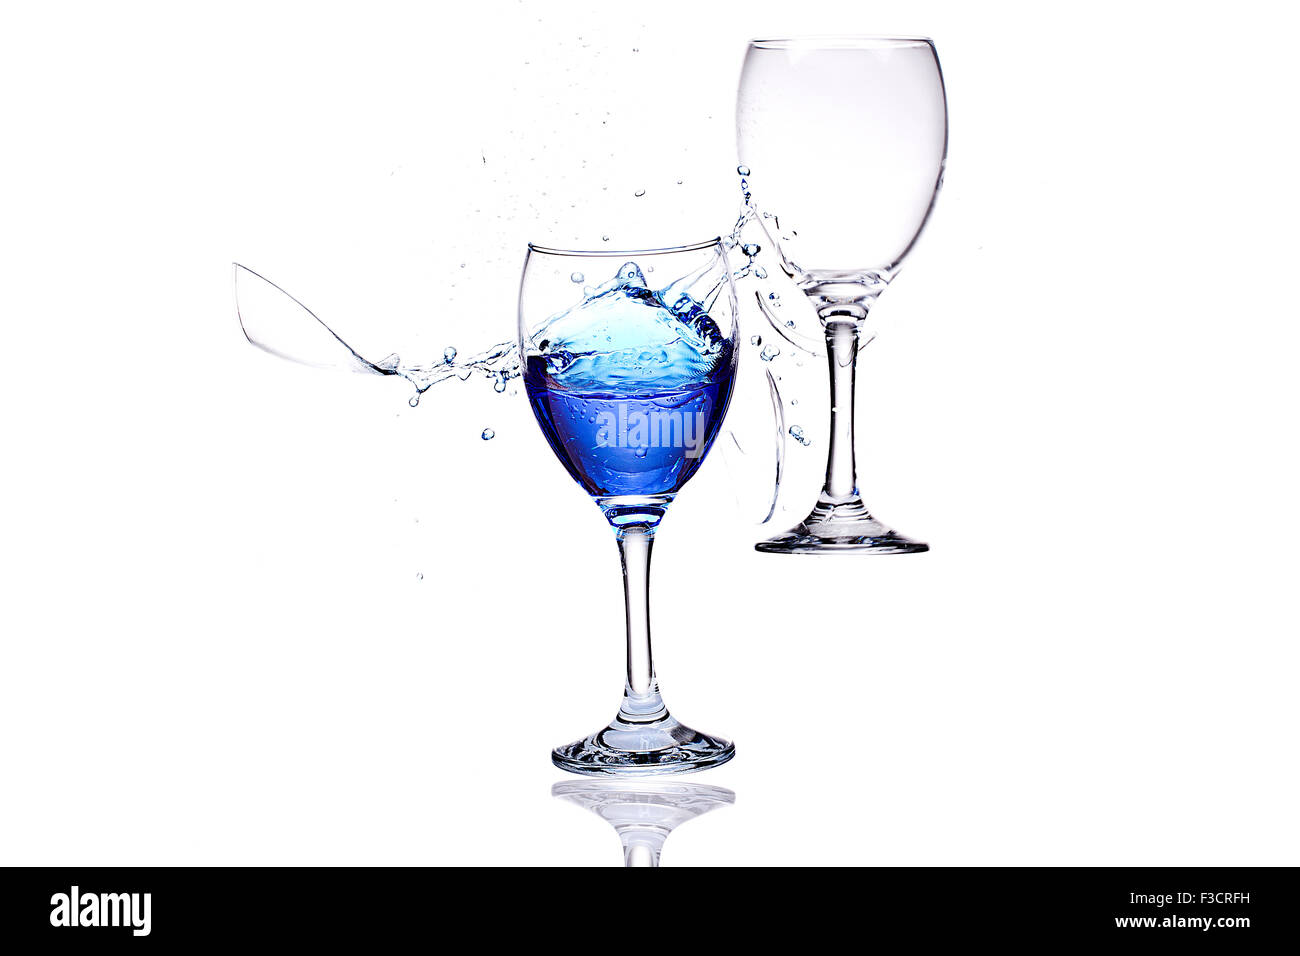 Smashing Wine Glasses - Stock Image